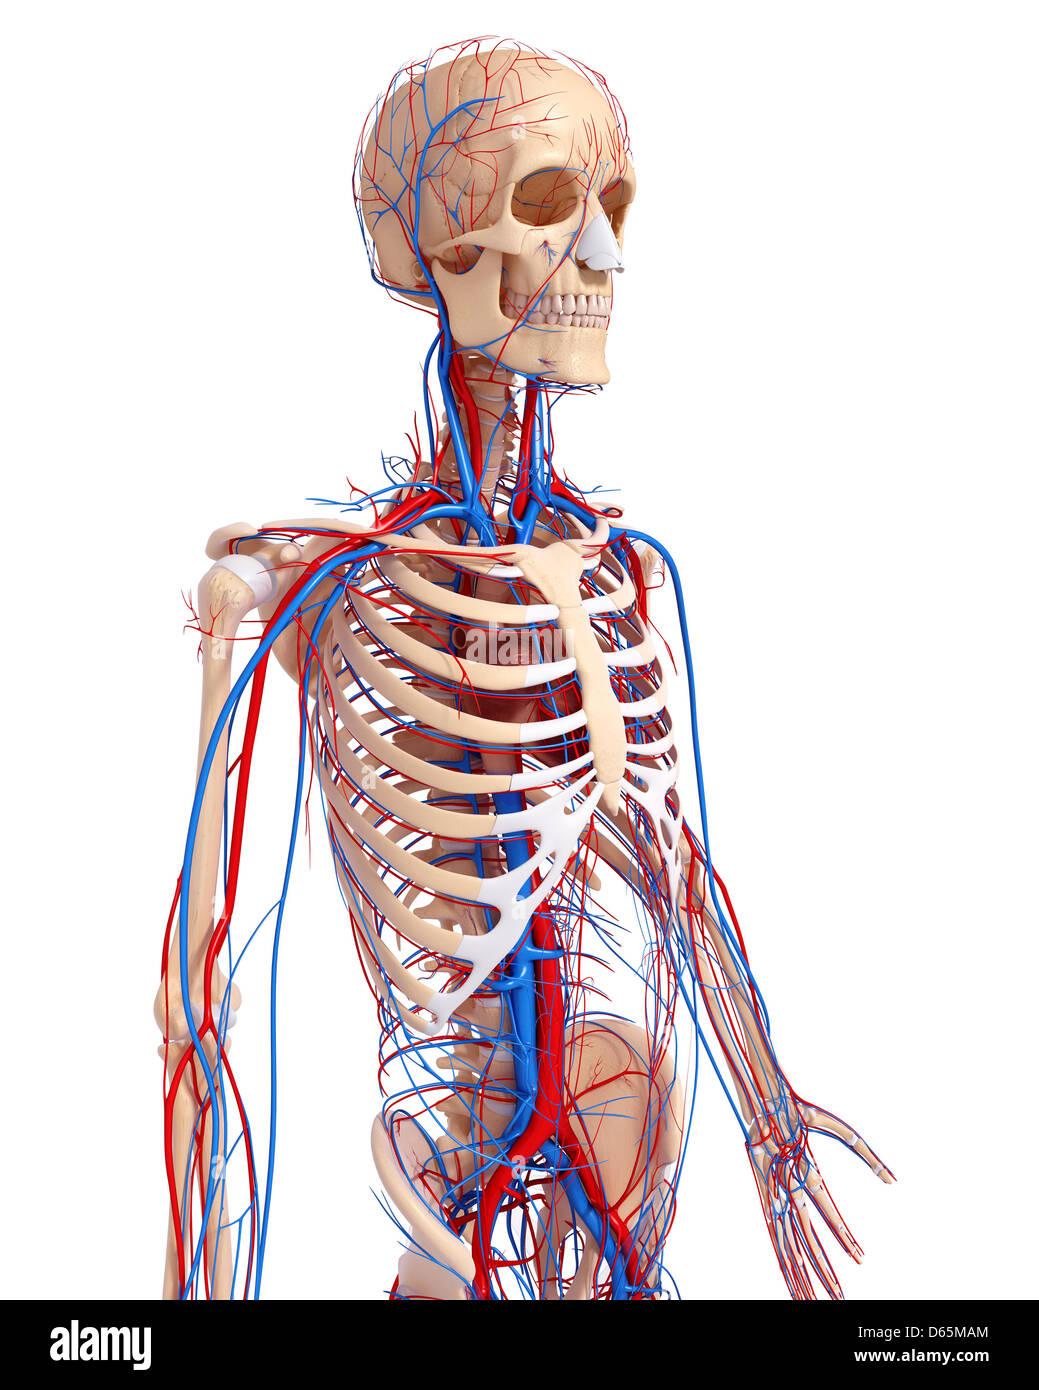 Menschliche Anatomie, artwork Stockfoto, Bild: 55444780 - Alamy